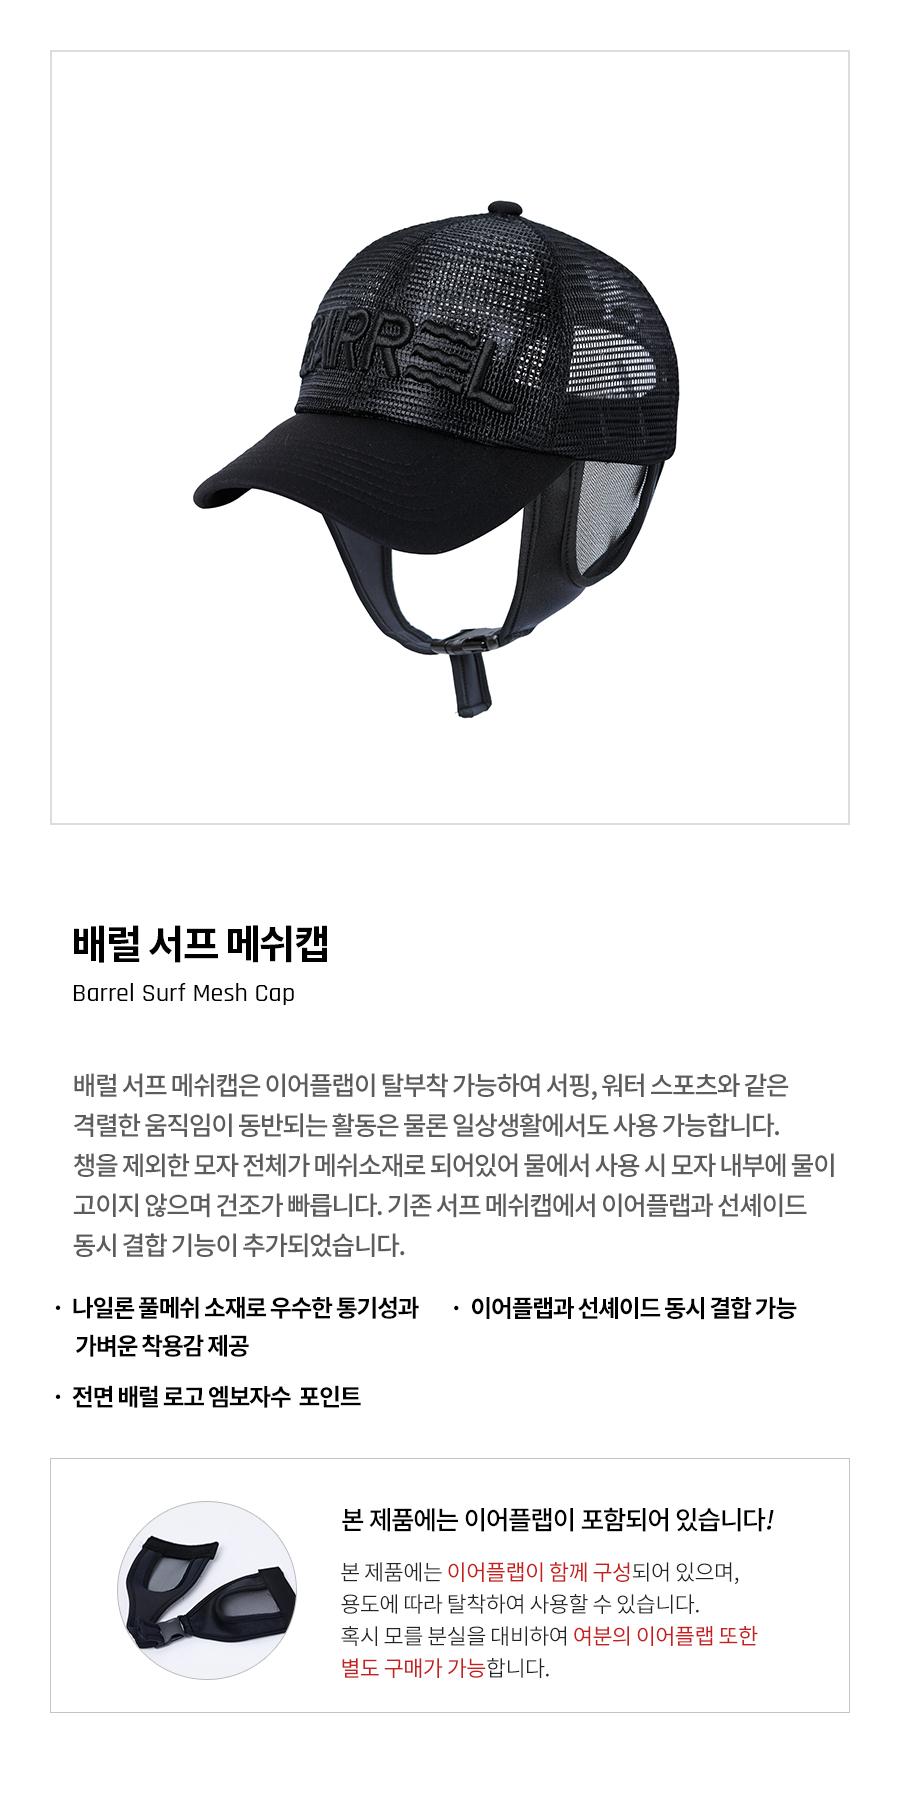 배럴(BARREL) 서프 메쉬캡 블랙 (BG2UWCP03BLK)